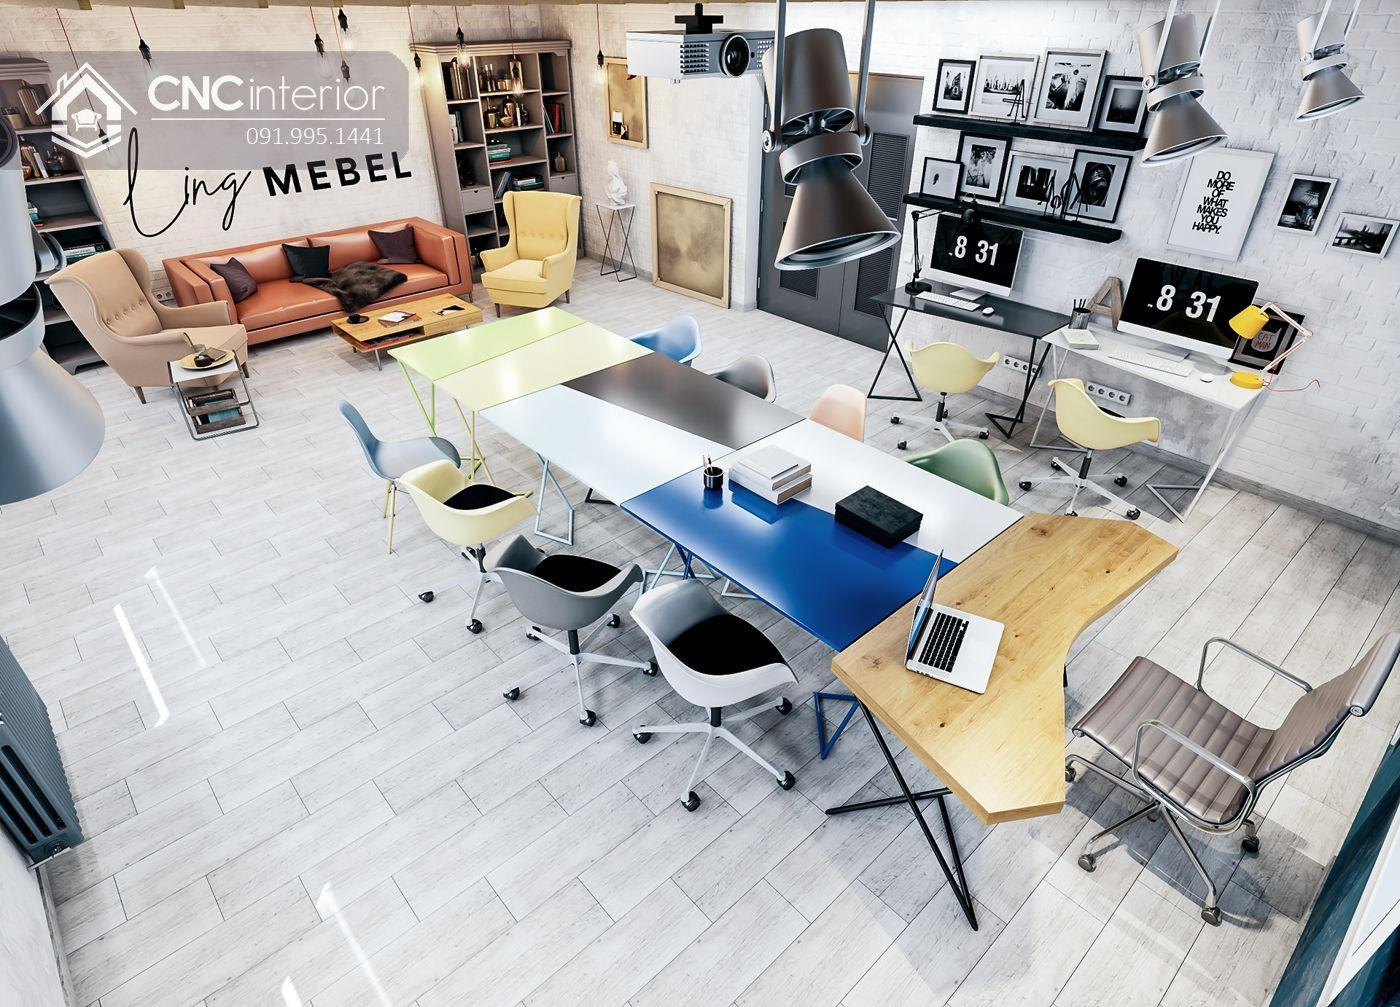 nội thất CNC - Văn phòng Studio Ling Mebel